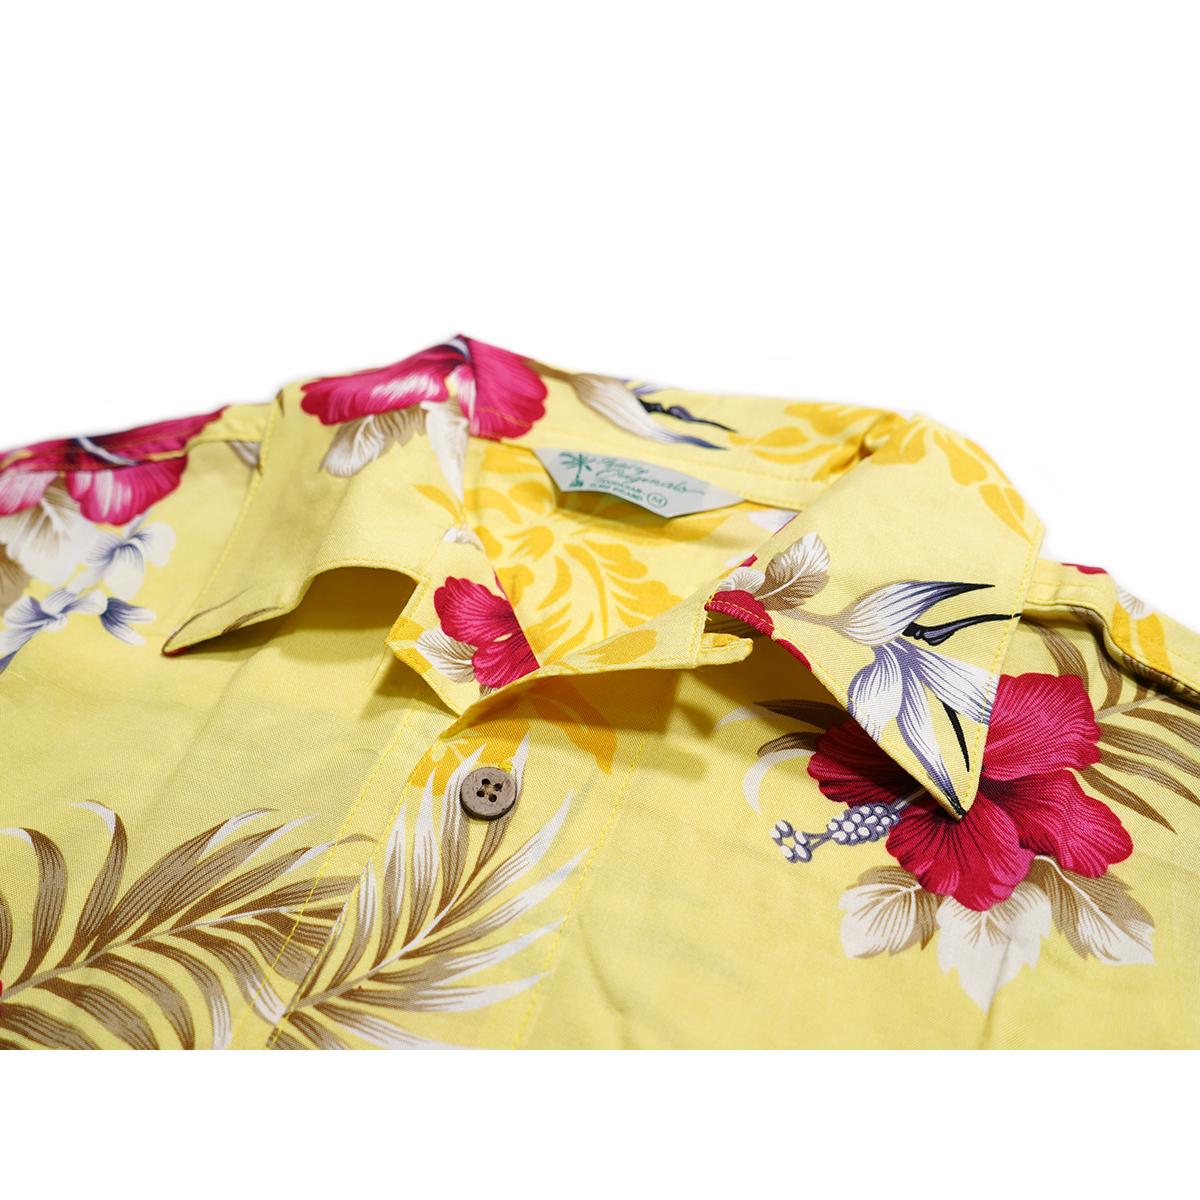 【新品】 アロハシャツ レーヨン フラワー柄■ 3Lサイズ(2XL,XXL) / イエロー黄29 ■大きいサイズ ボタニカル 花 オープンカラー b008_画像3